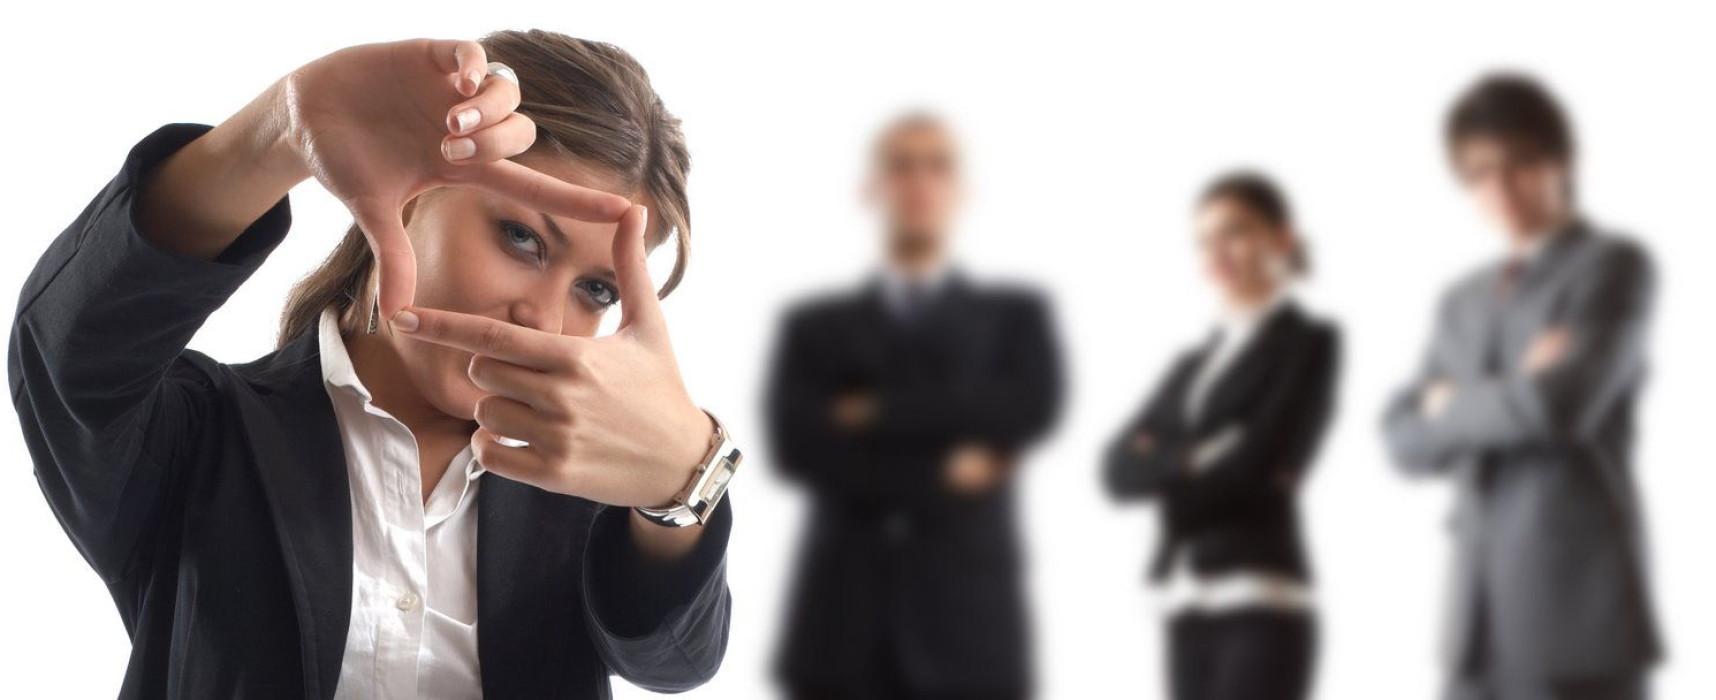 Методы, используемые работодателями при оценке кандидатов на вакантную должность